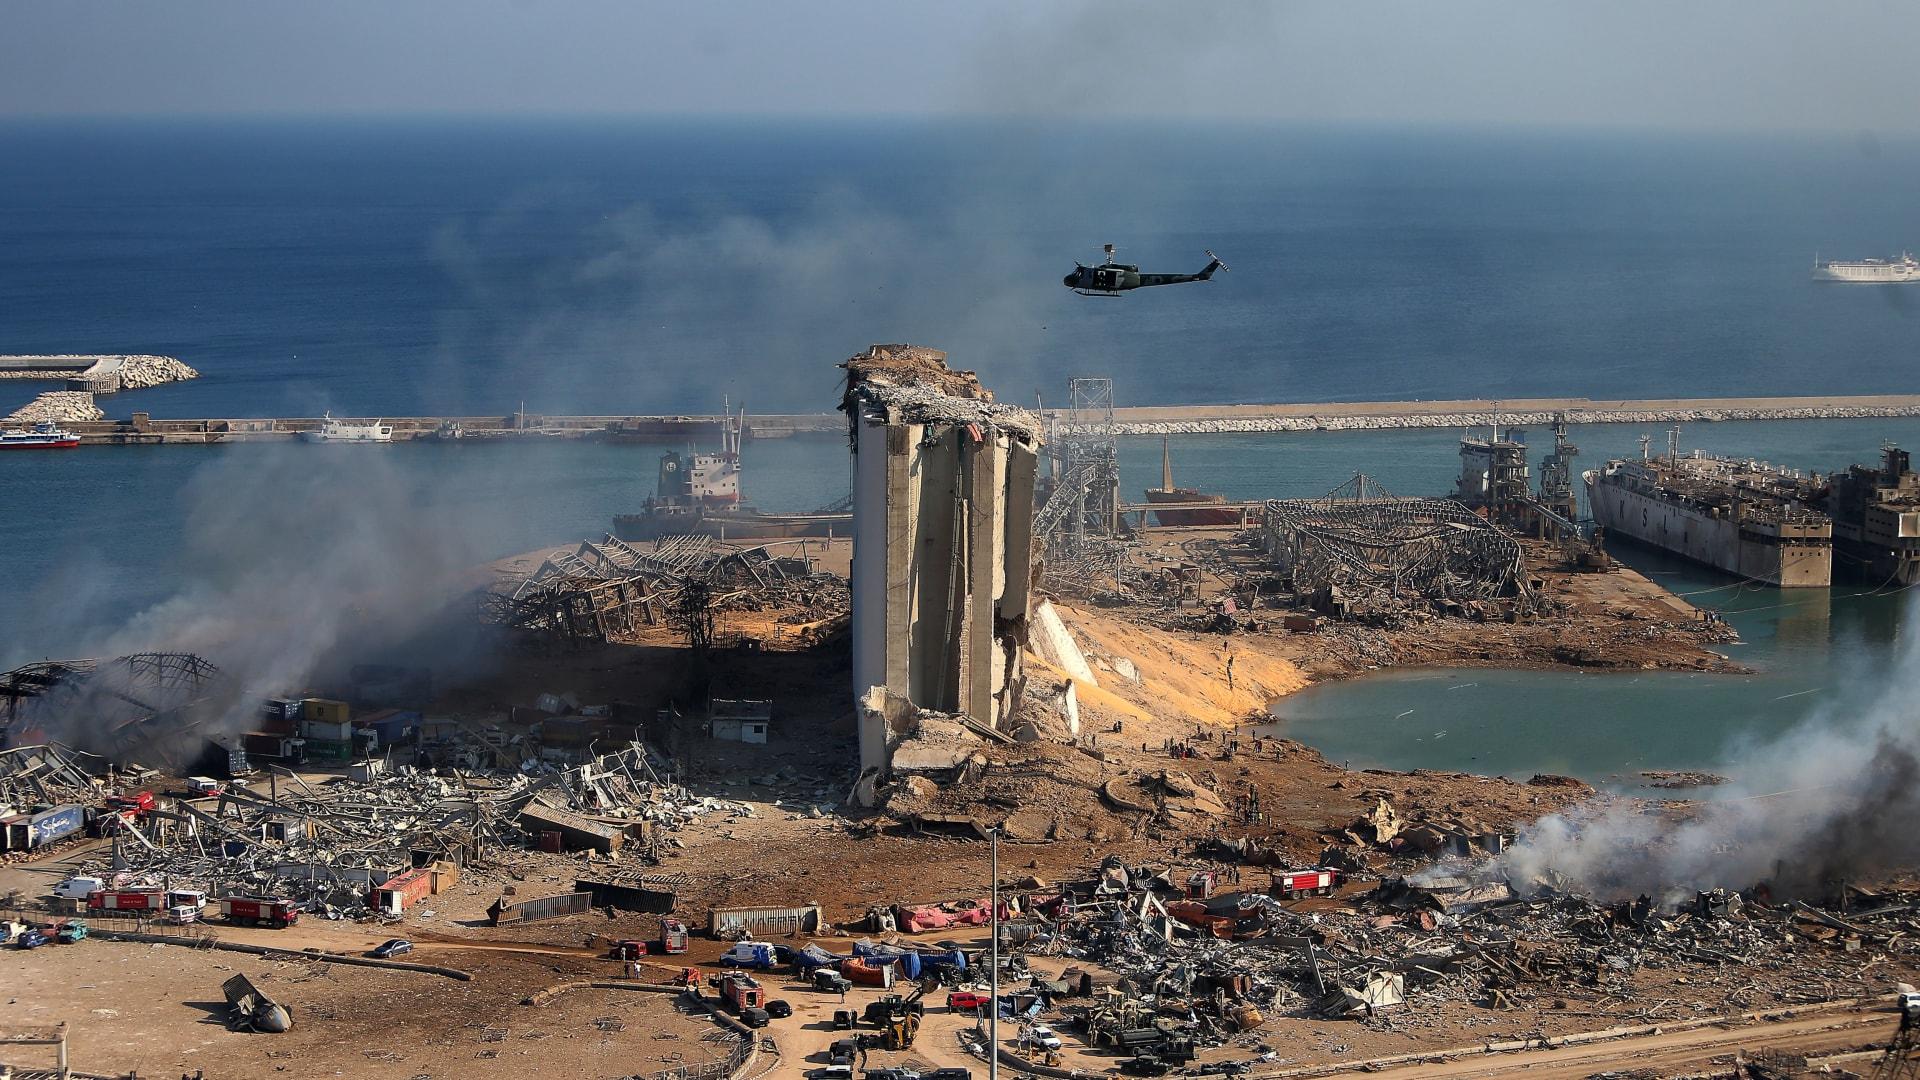 ترامب: بعض جنرالاتنا يعتقدون أن انفجار بيروت كان هجوما